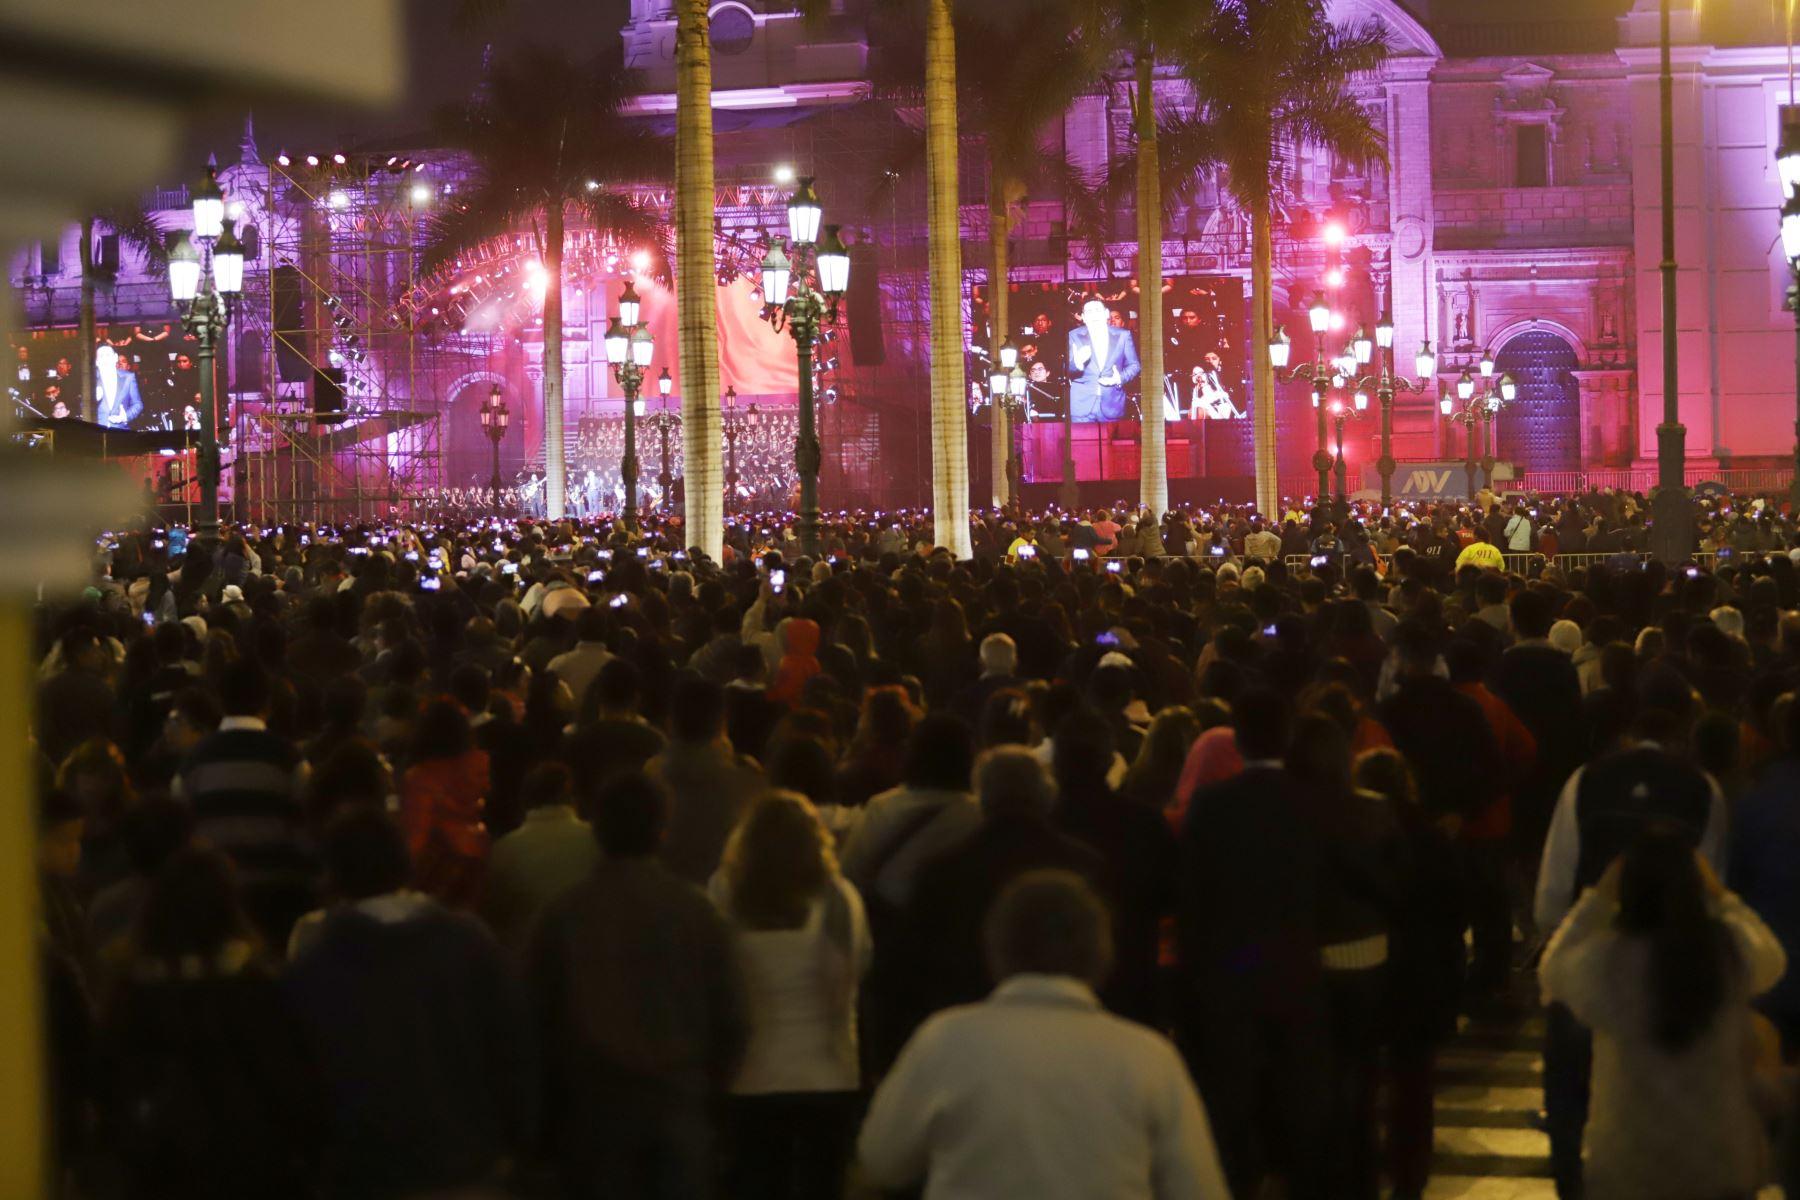 Concierto Serenata al Perú que ofreció el Tenor Peruano Juan Diego Florez y la Sinfonía por el Perú en la Plaza Mayor de Lima. Foto: ANDINA/Jorge Tello